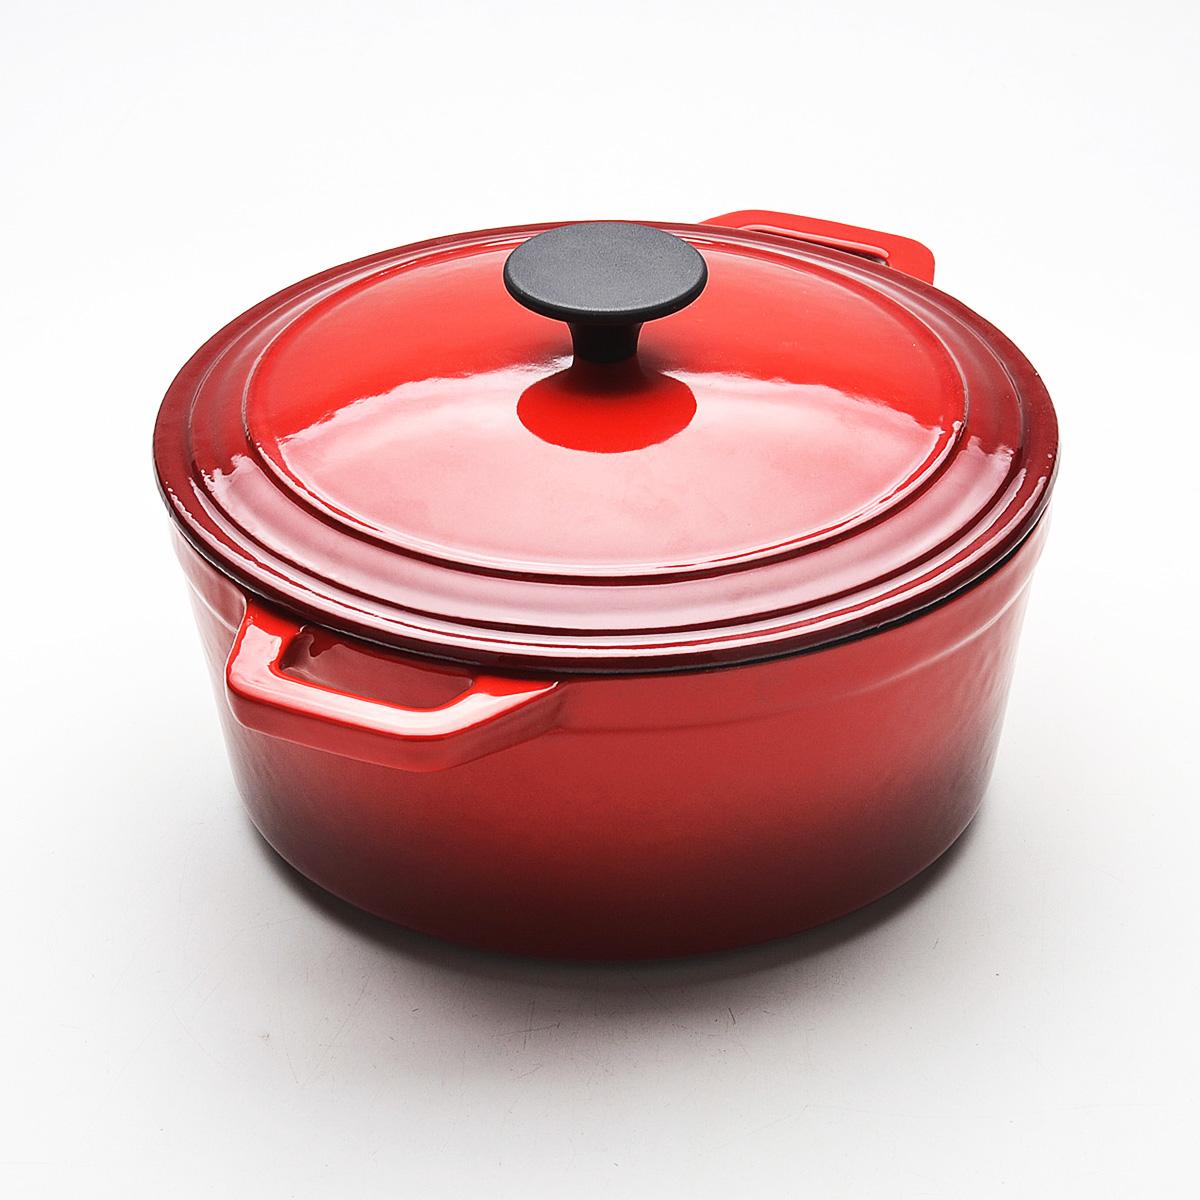 Кастрюля Mayer & Boch с крышкой, с эмалевым покрытием, цвет: красный, 5,6 л22066Кастрюля Mayer & Boch, изготовленная из чугуна, идеально подходит для приготовления вкусных тушеных блюд. Она имеет внешнее и внутреннее эмалевое покрытие. Чугун является традиционным высокопрочным, экологически чистым материалом. Его главной особенностью является то, что эмаль наносится с внешней стороны изделия, а внутри - керамическое покрытие. Причем, чем дольше и чаще вы пользуетесь этой посудой, тем лучше становятся ее свойства. Высокая теплоемкость чугуна позволяет ему сильно нагреваться и медленно остывать, а это в свою очередь обеспечивает равномерное приготовление пищи. Чугун не вступает в какие-либо химические реакции с пищей в процессе приготовления и хранения, а плотное покрытие - безупречное препятствие для бактерий и запахов. Пища, приготовленная в чугунной посуде, благодаря экологической чистоте материала не может нанести вред здоровью человека. Кастрюля оснащена двумя удобными ручками. К кастрюле прилагается чугунная крышка с...